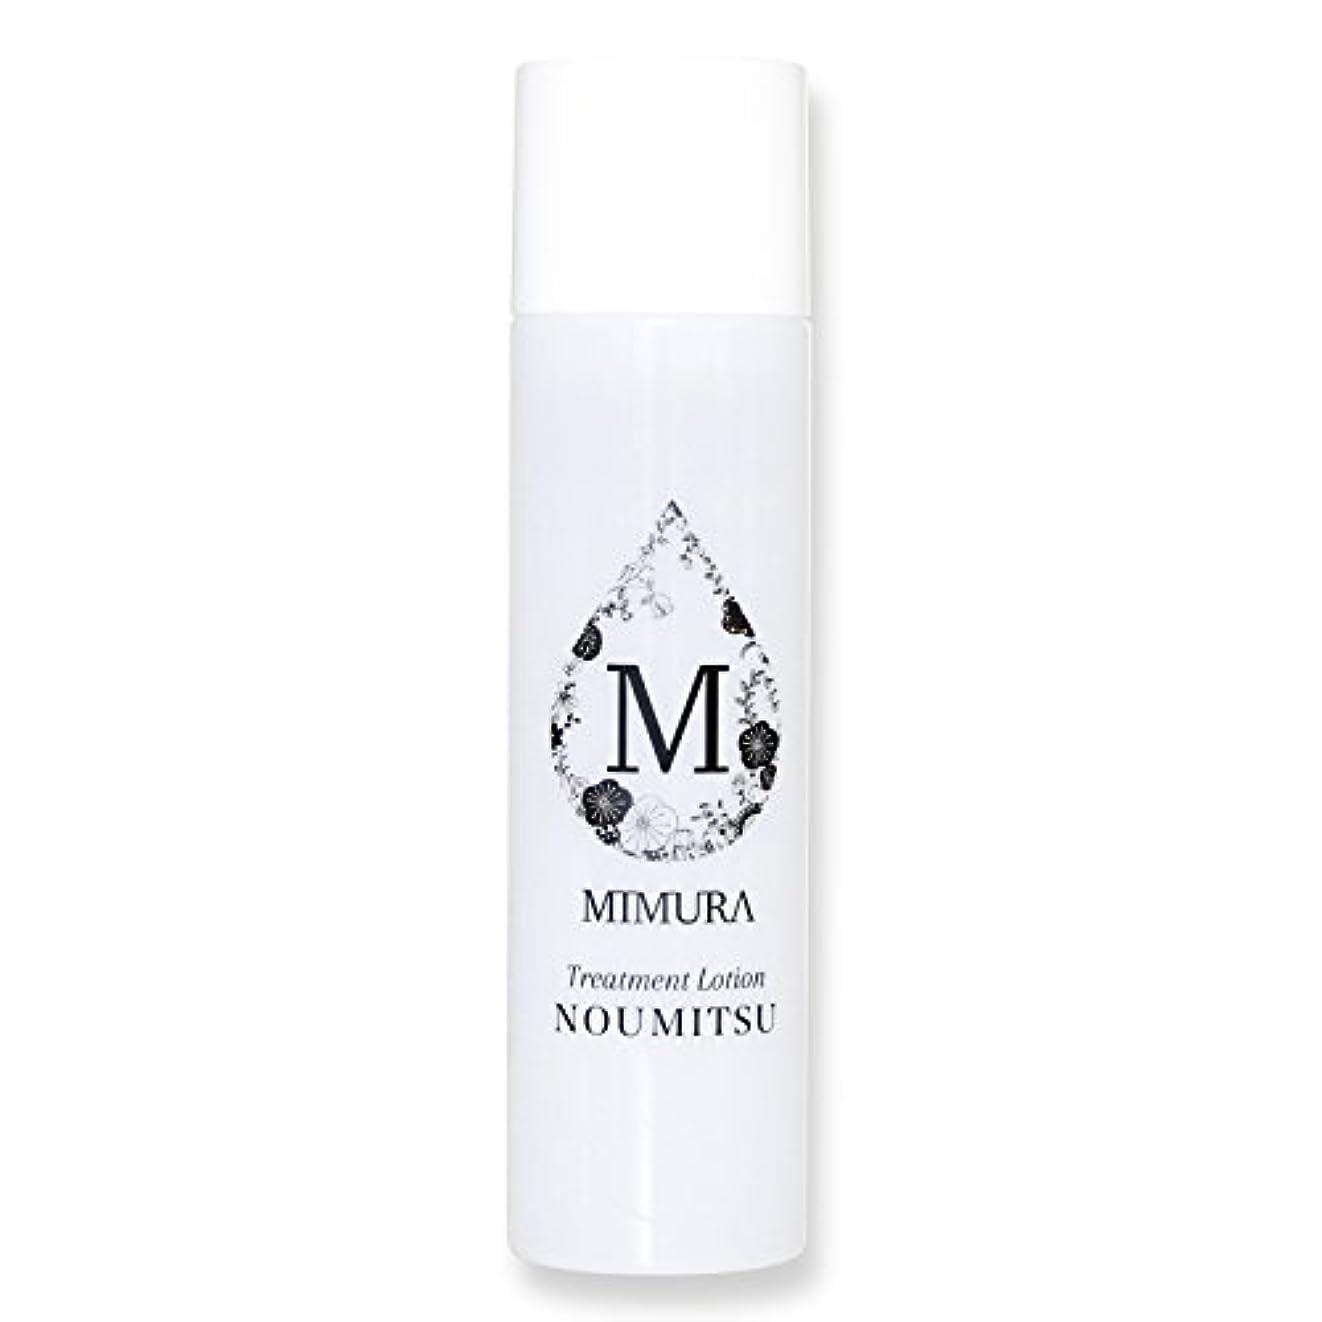 ストッキングミュウミュウ衣類保湿化粧水 敏感肌 乾燥肌 ミムラ トリートメントローション NOUMITSU 125mL MIMURA 日本製